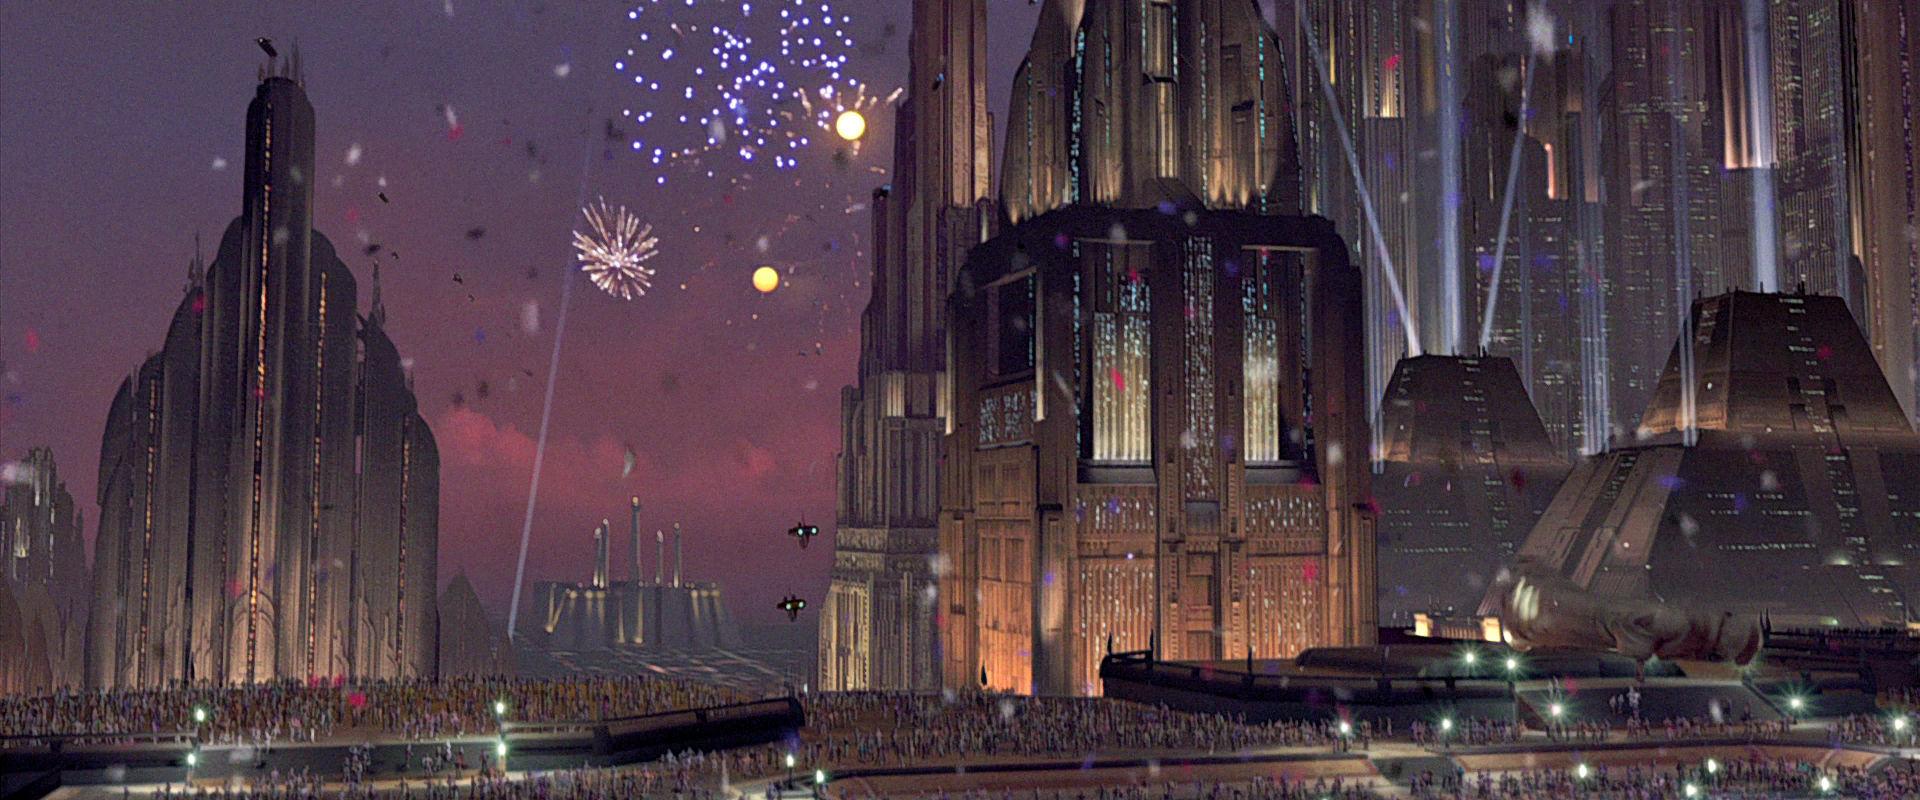 Tras la Batalla de Endor (4 DBY) ocurre una rebelión en Coruscant (Centro Imperial). ¿Quién acabó con el levantamiento?